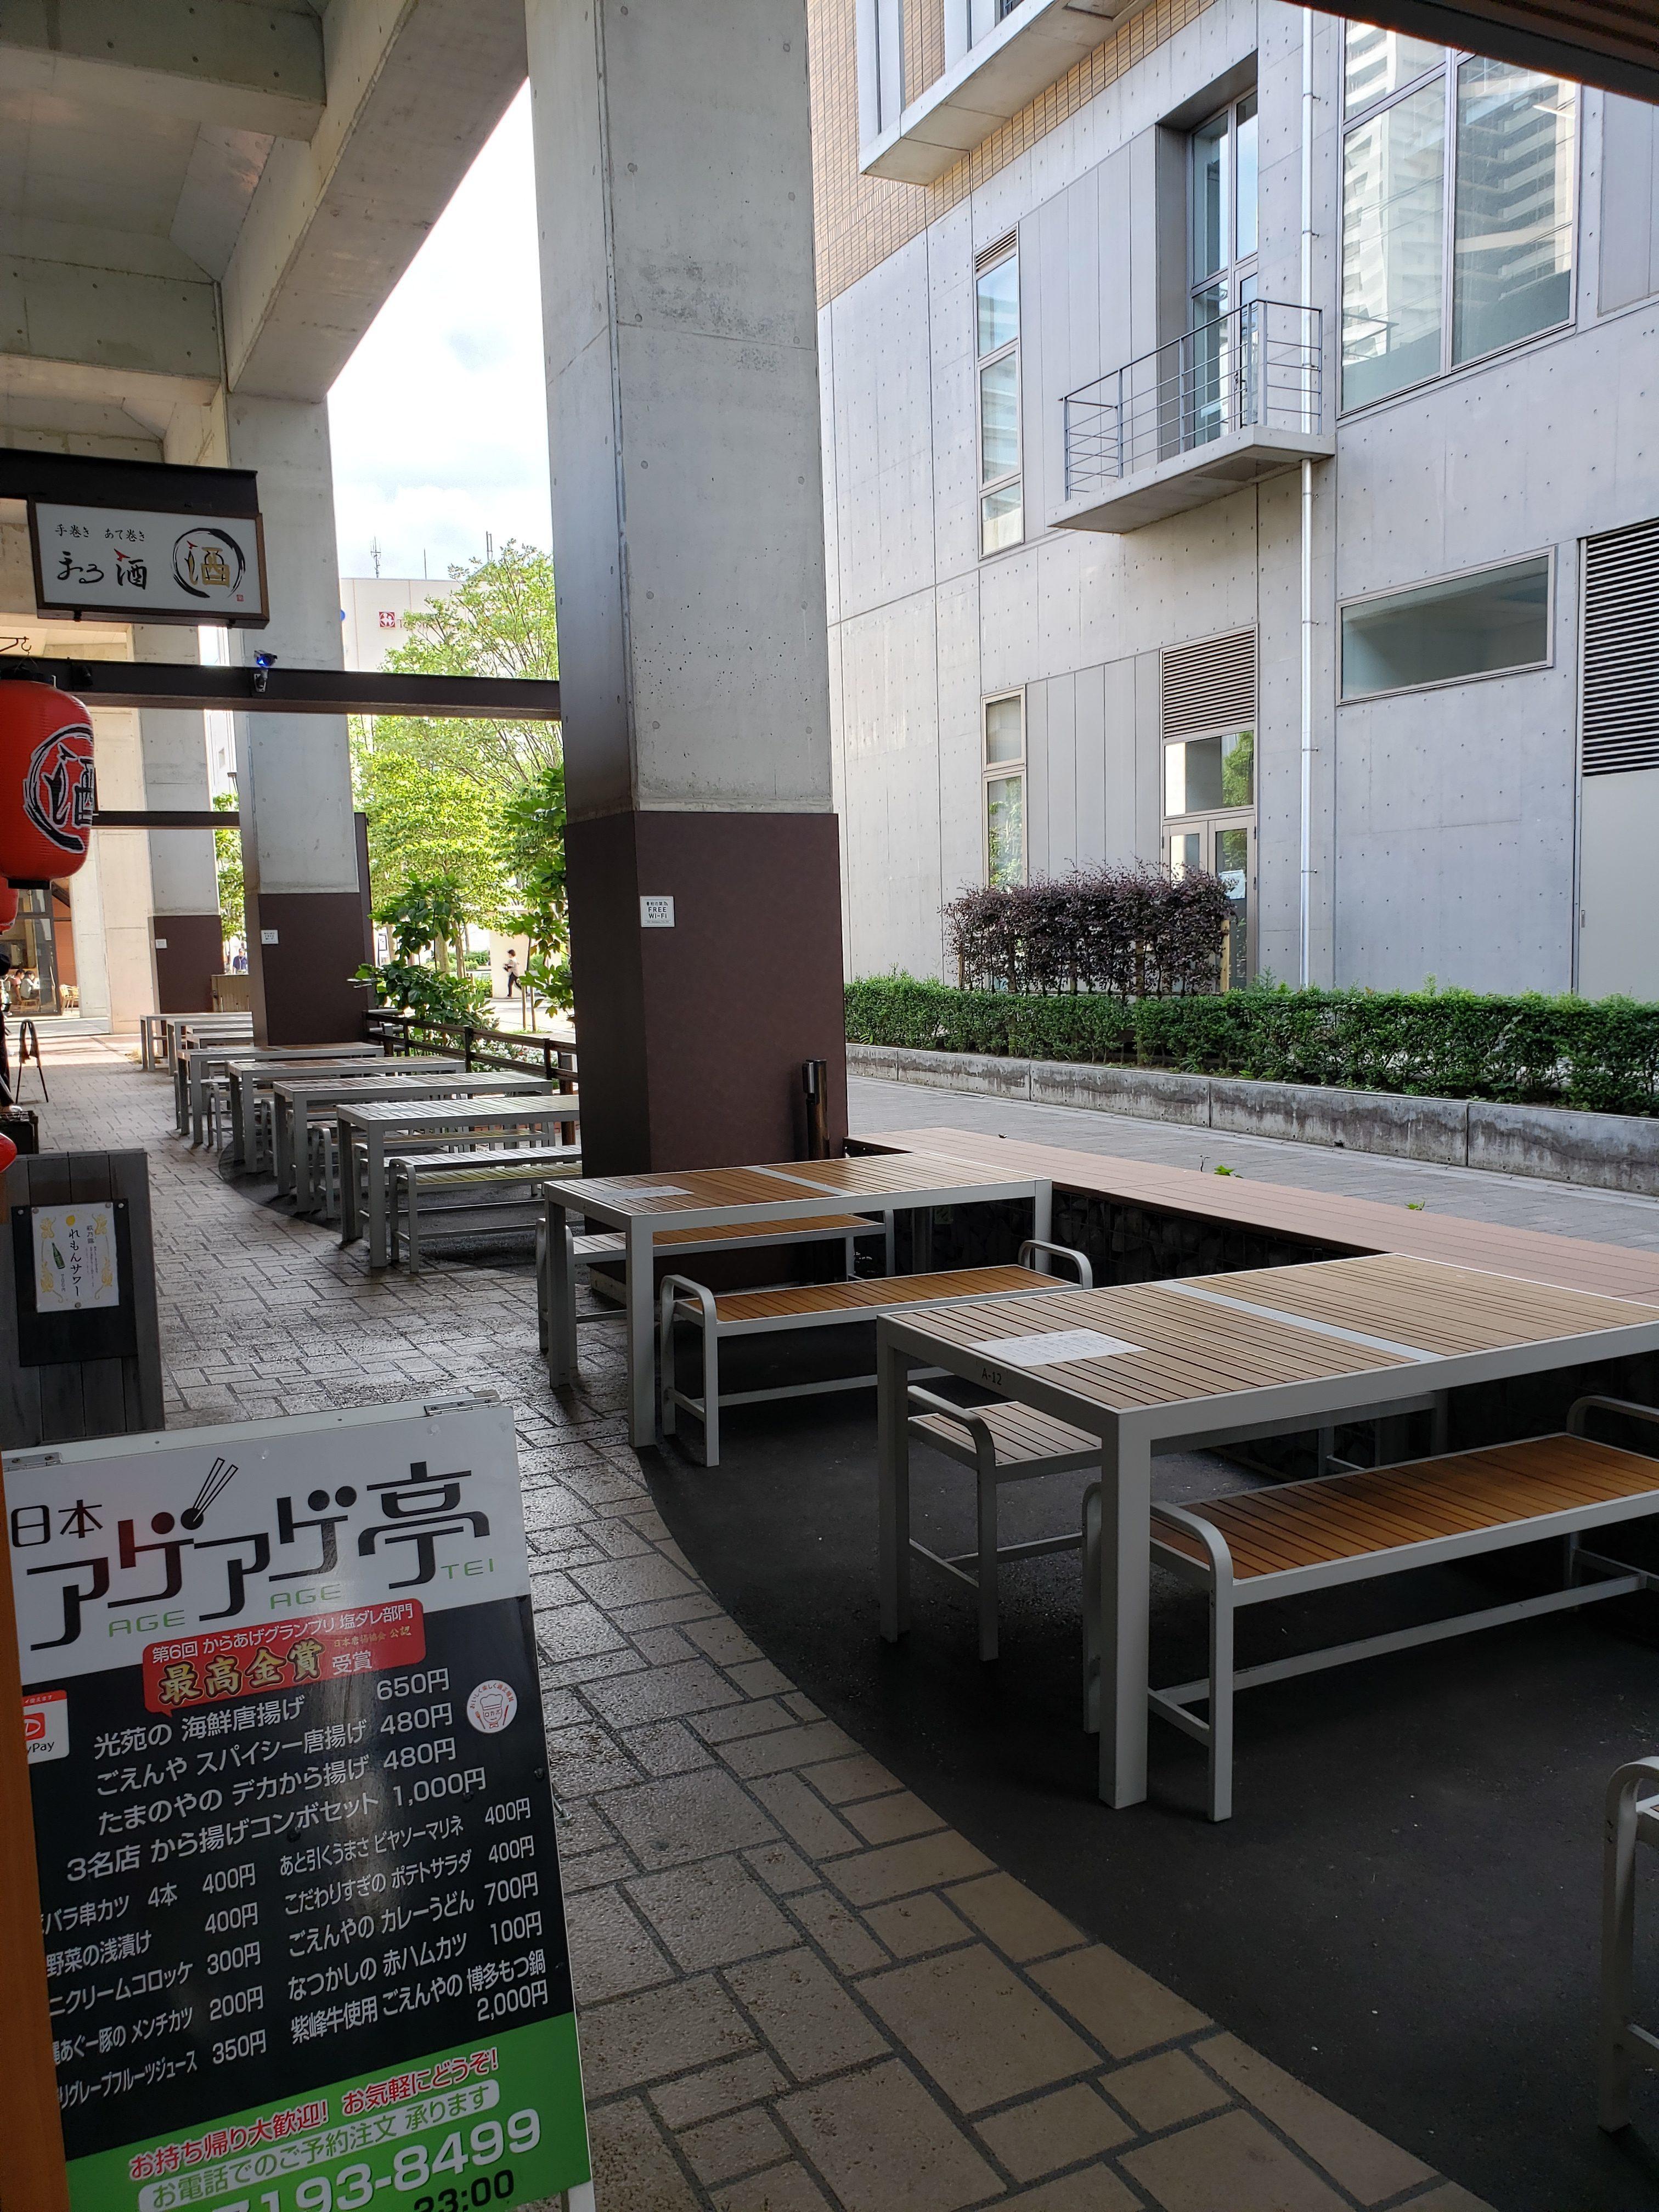 梅雨の合間に!!・・・日本アゲアゲ亭